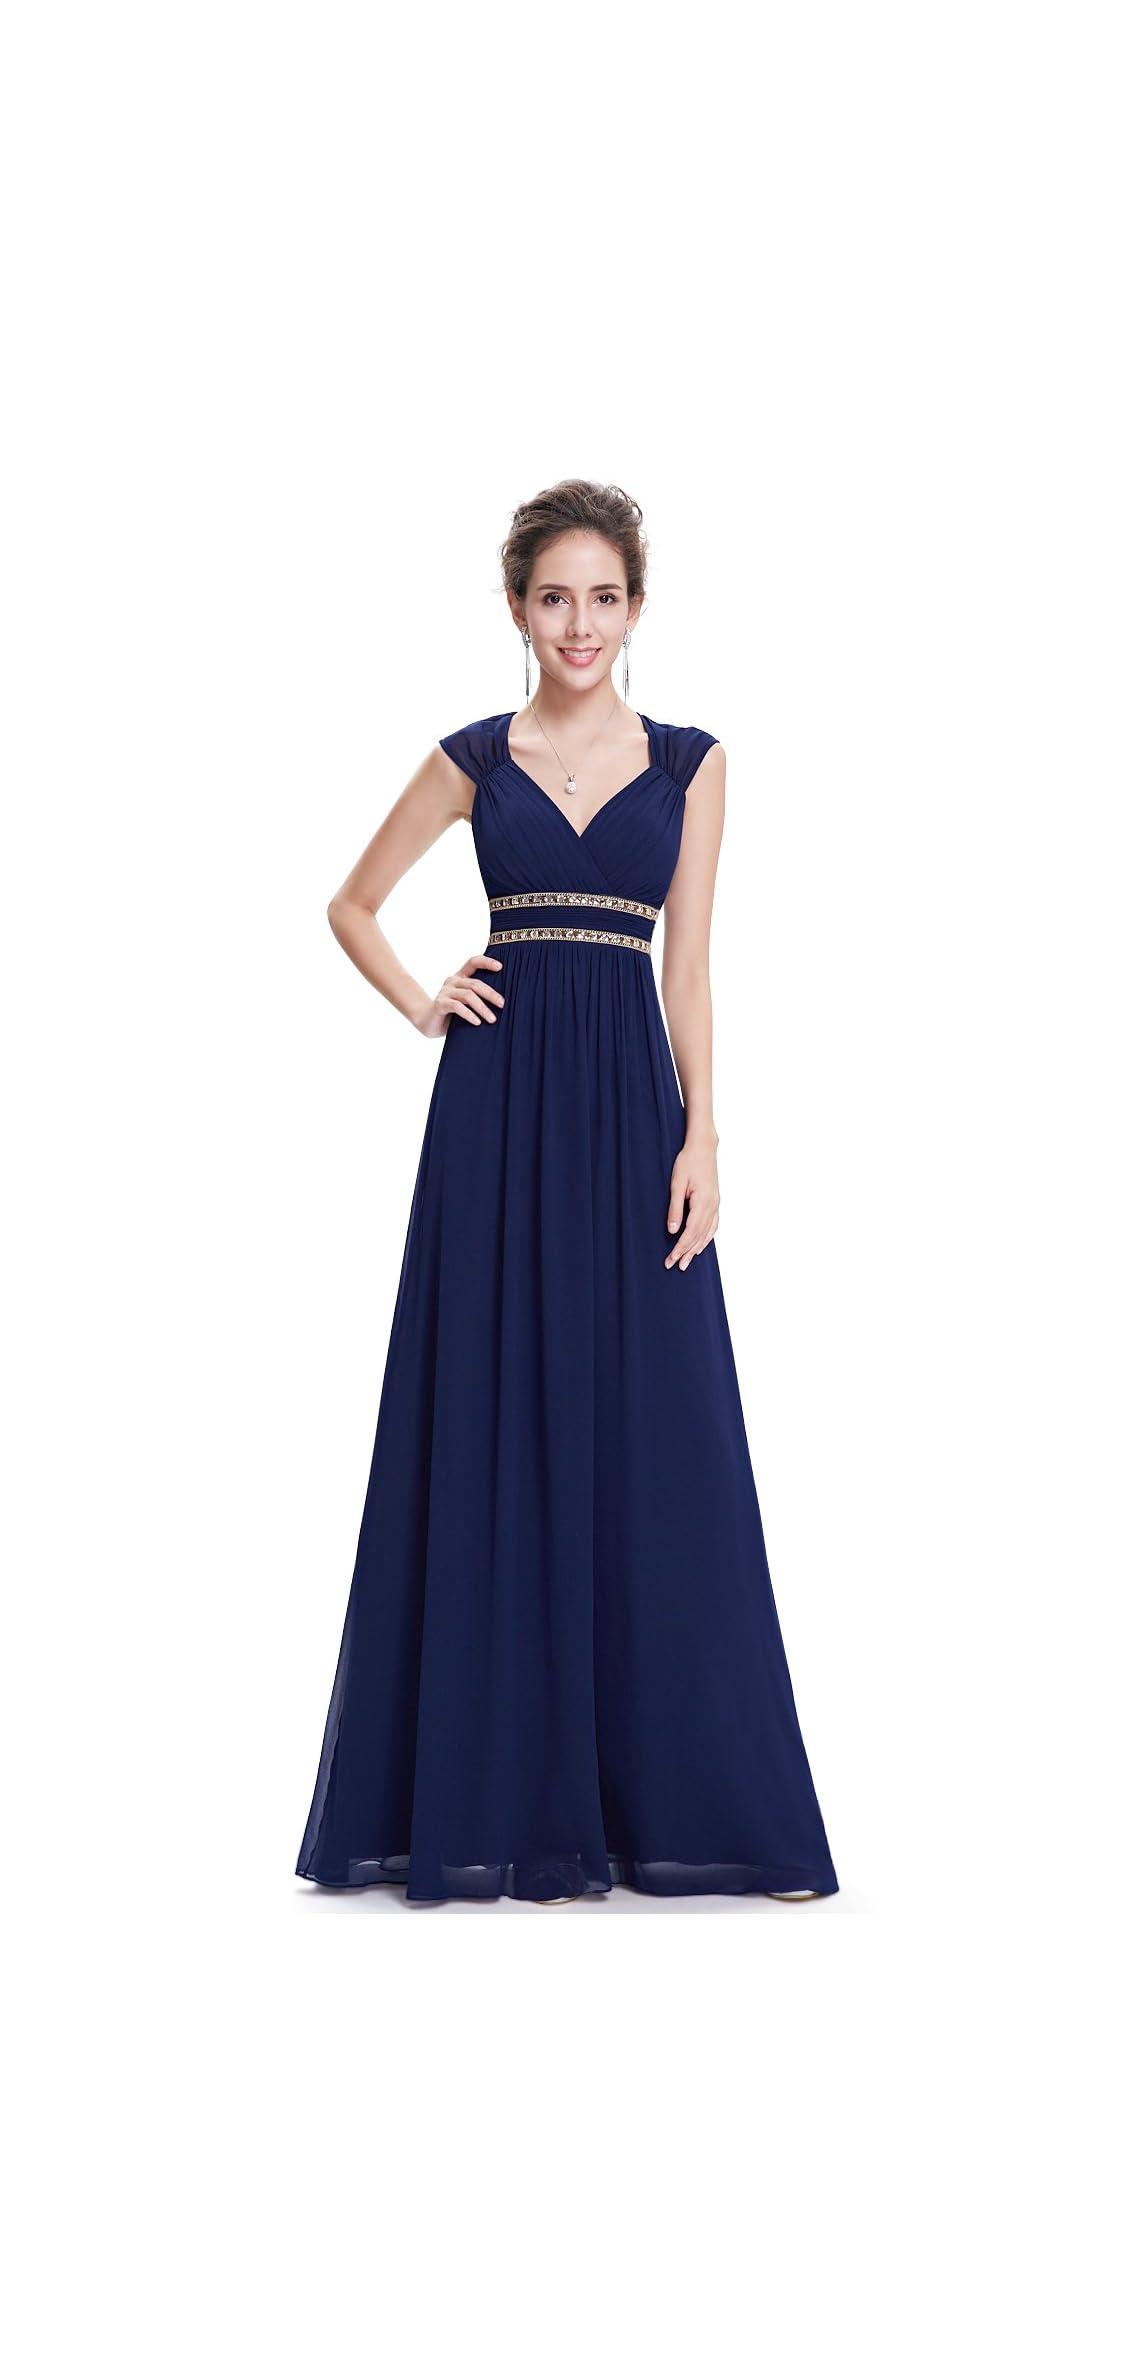 Women's Elegant V-neck Sleeveless Formal Long Dress